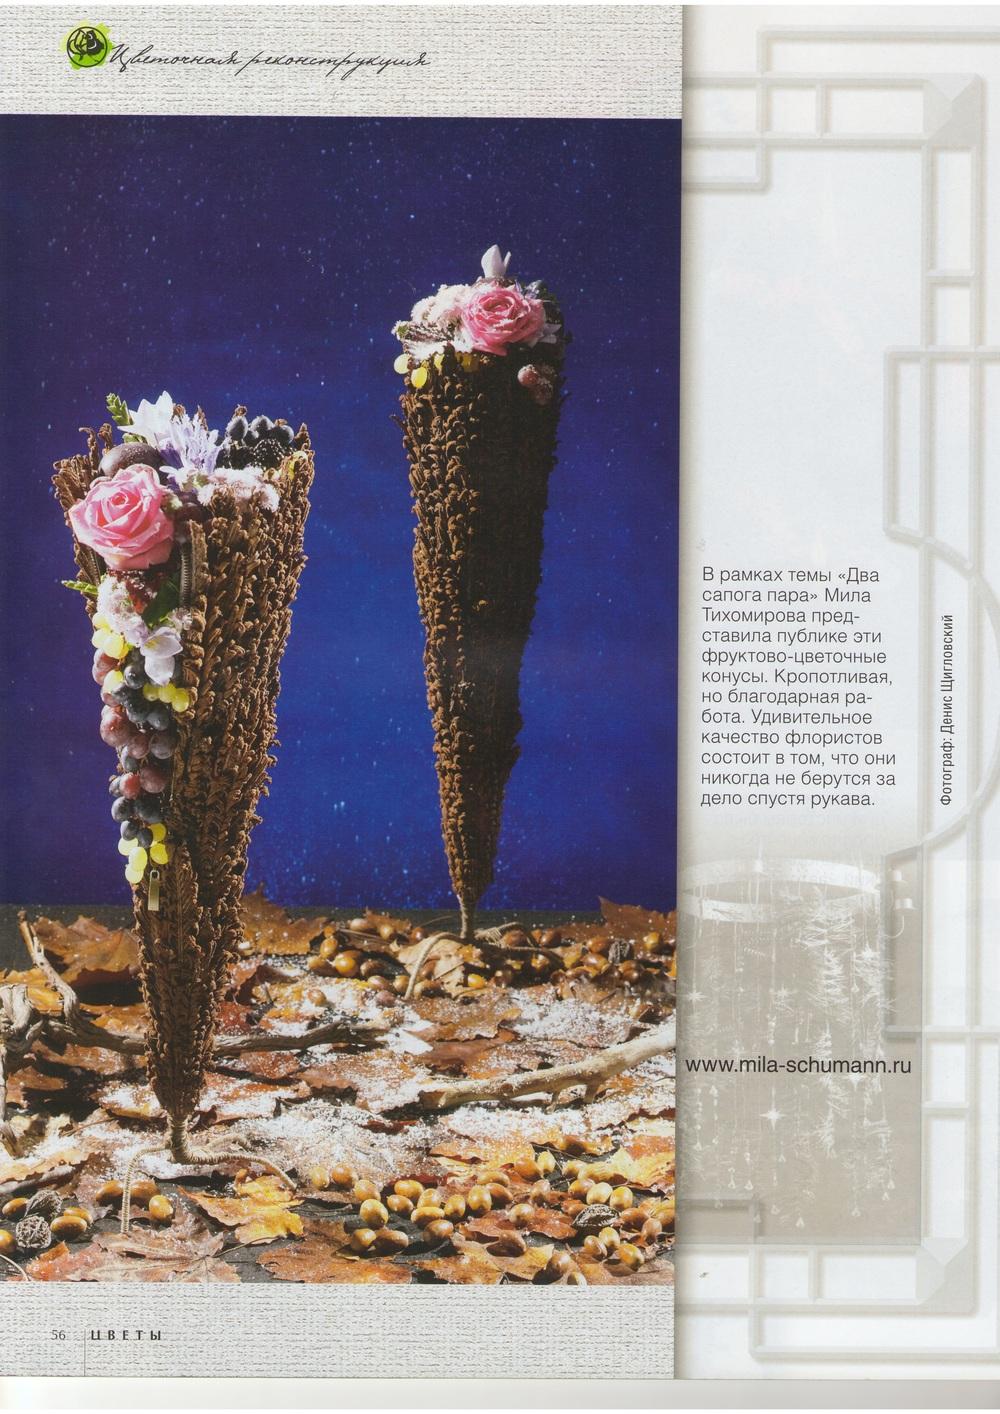 цветы 04 2010-лист 1.jpg